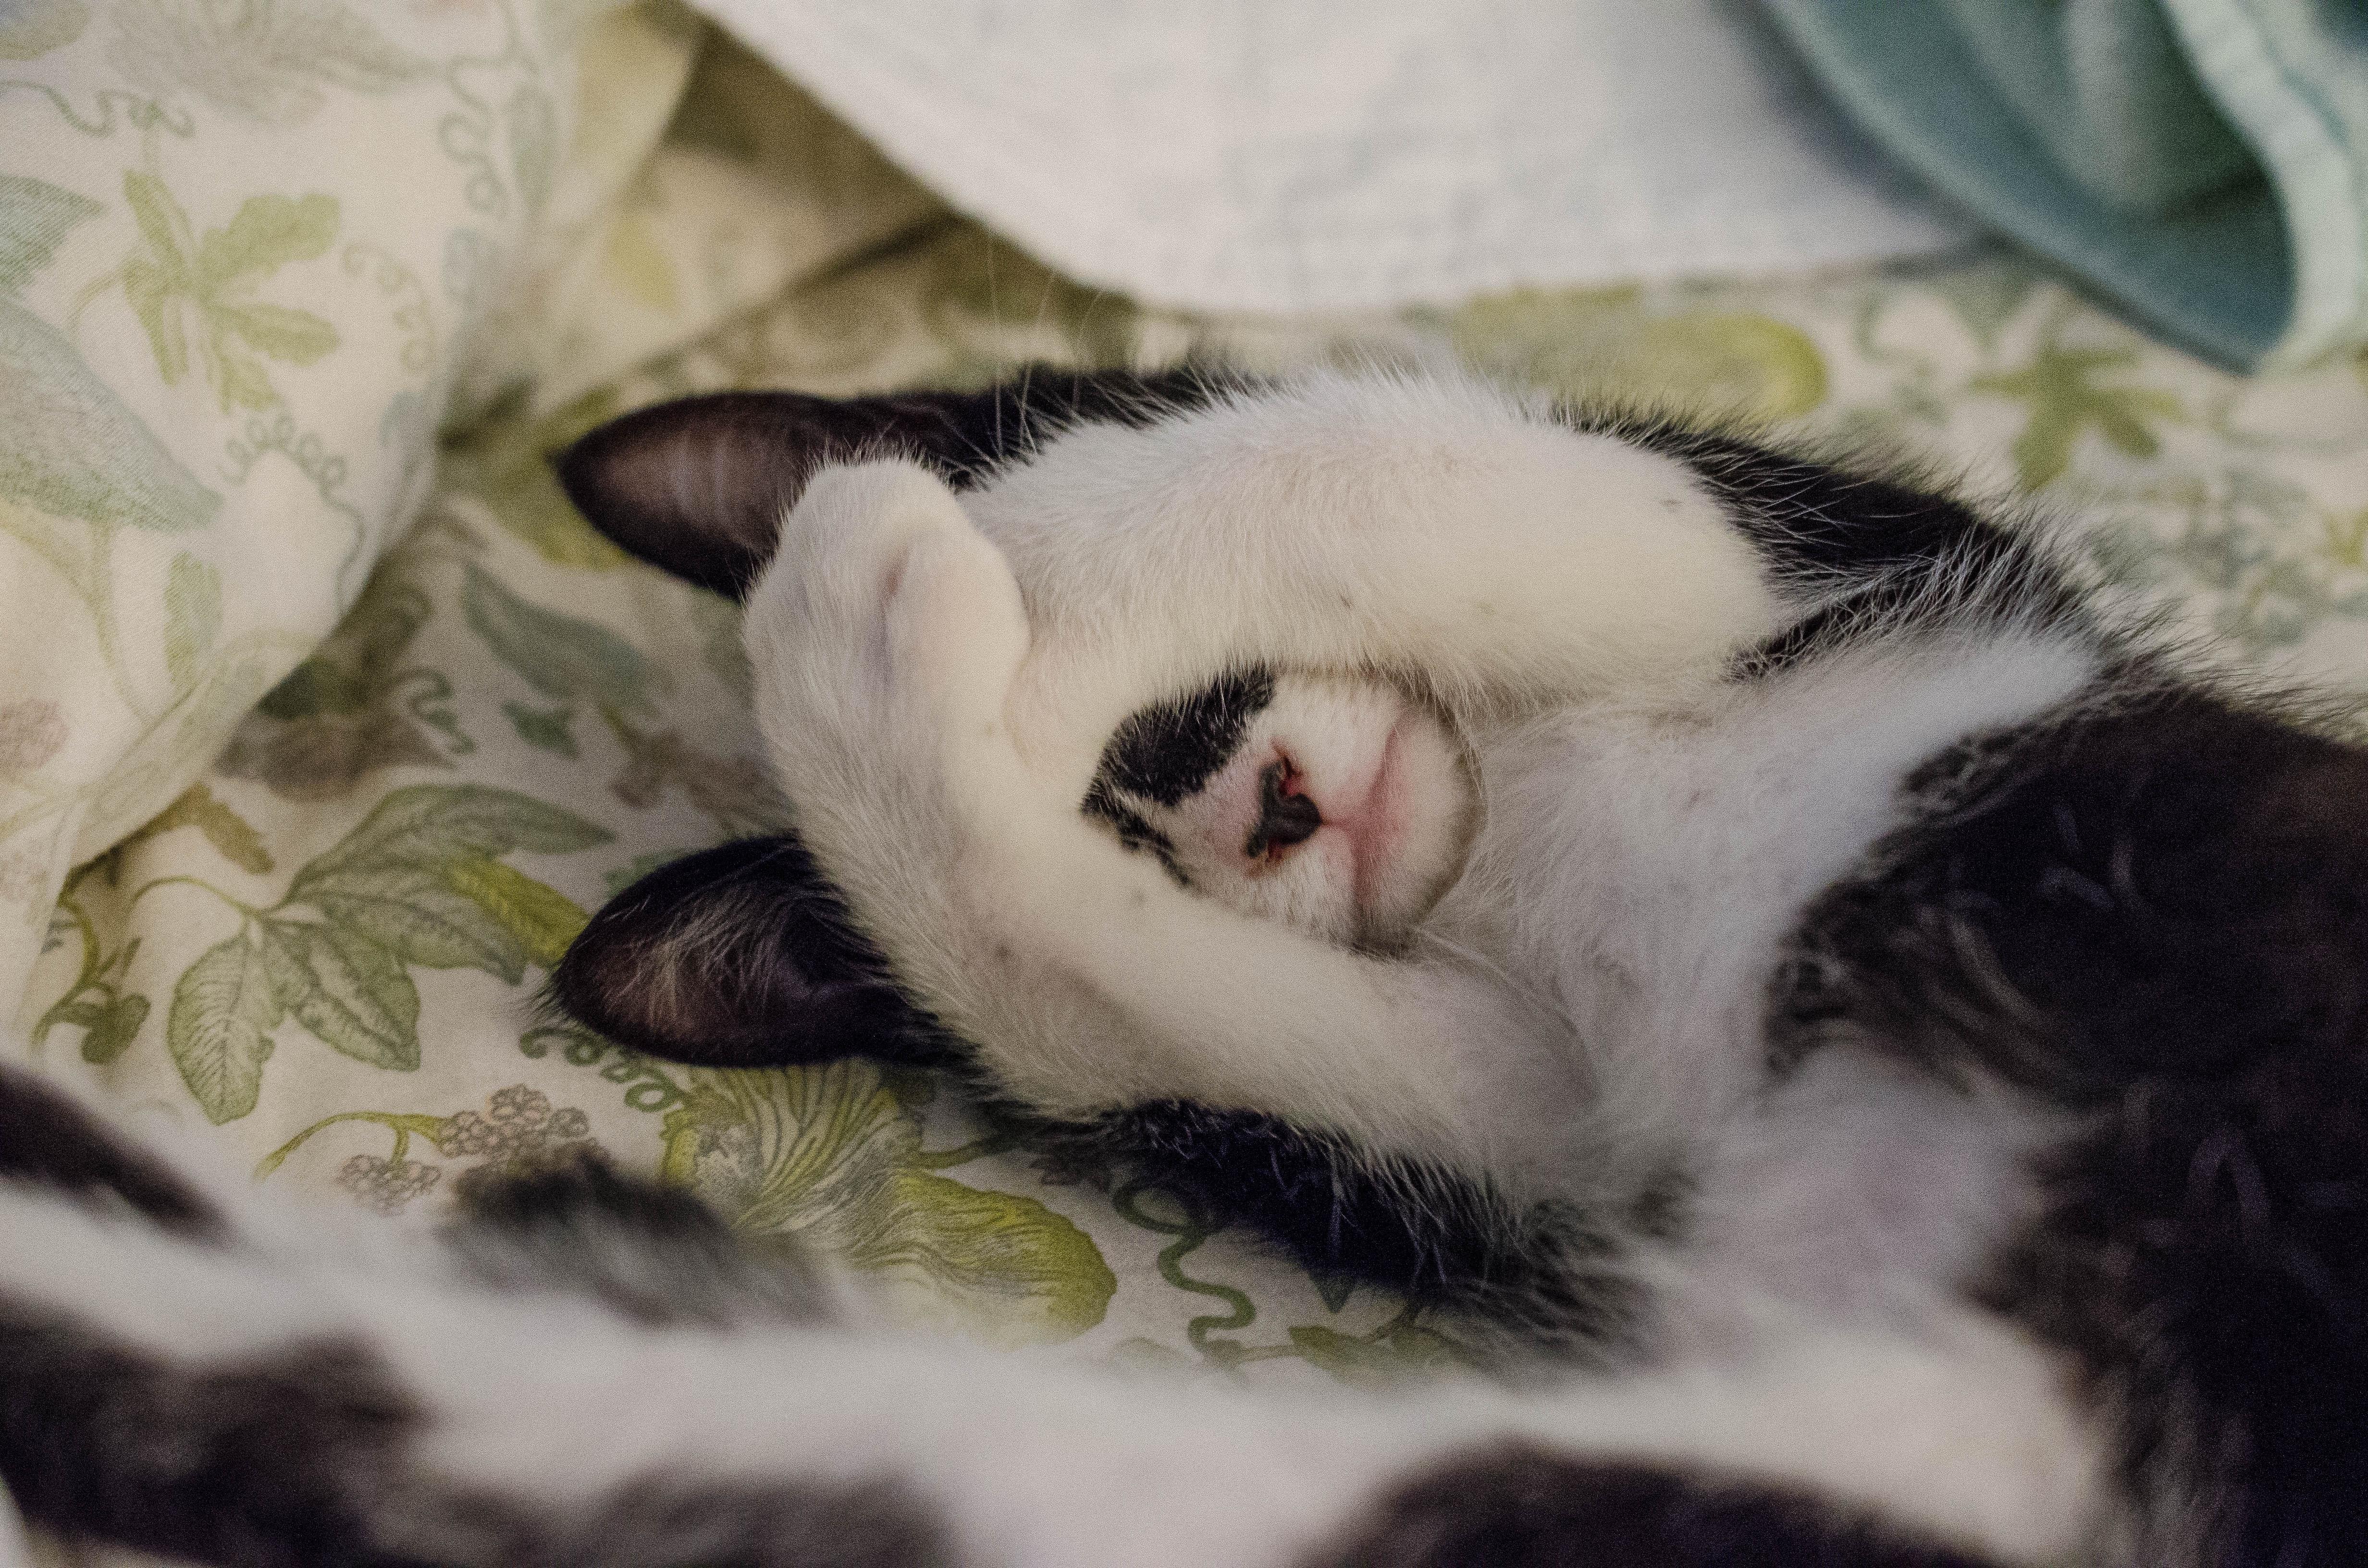 「もう諦めた」 ペットショップで売れ残った猫の愛情物語